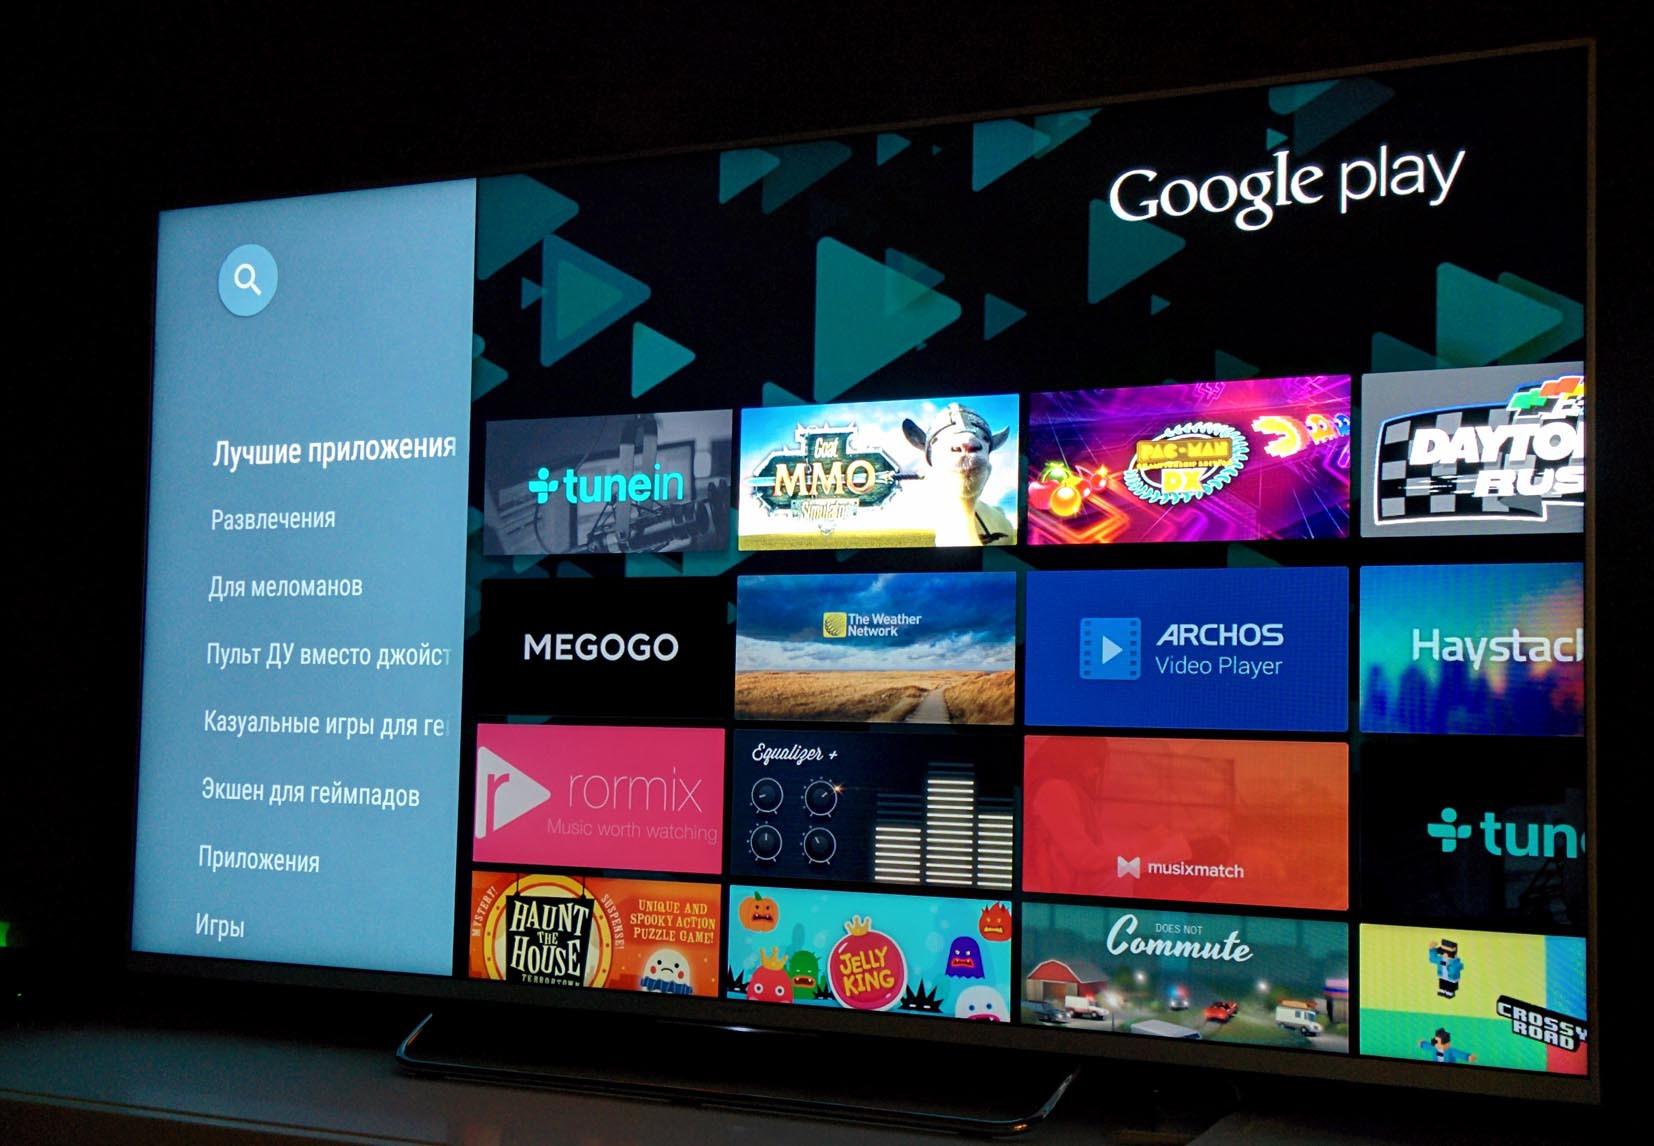 Обзор true Android TV на примере Sony 55w807c - 12